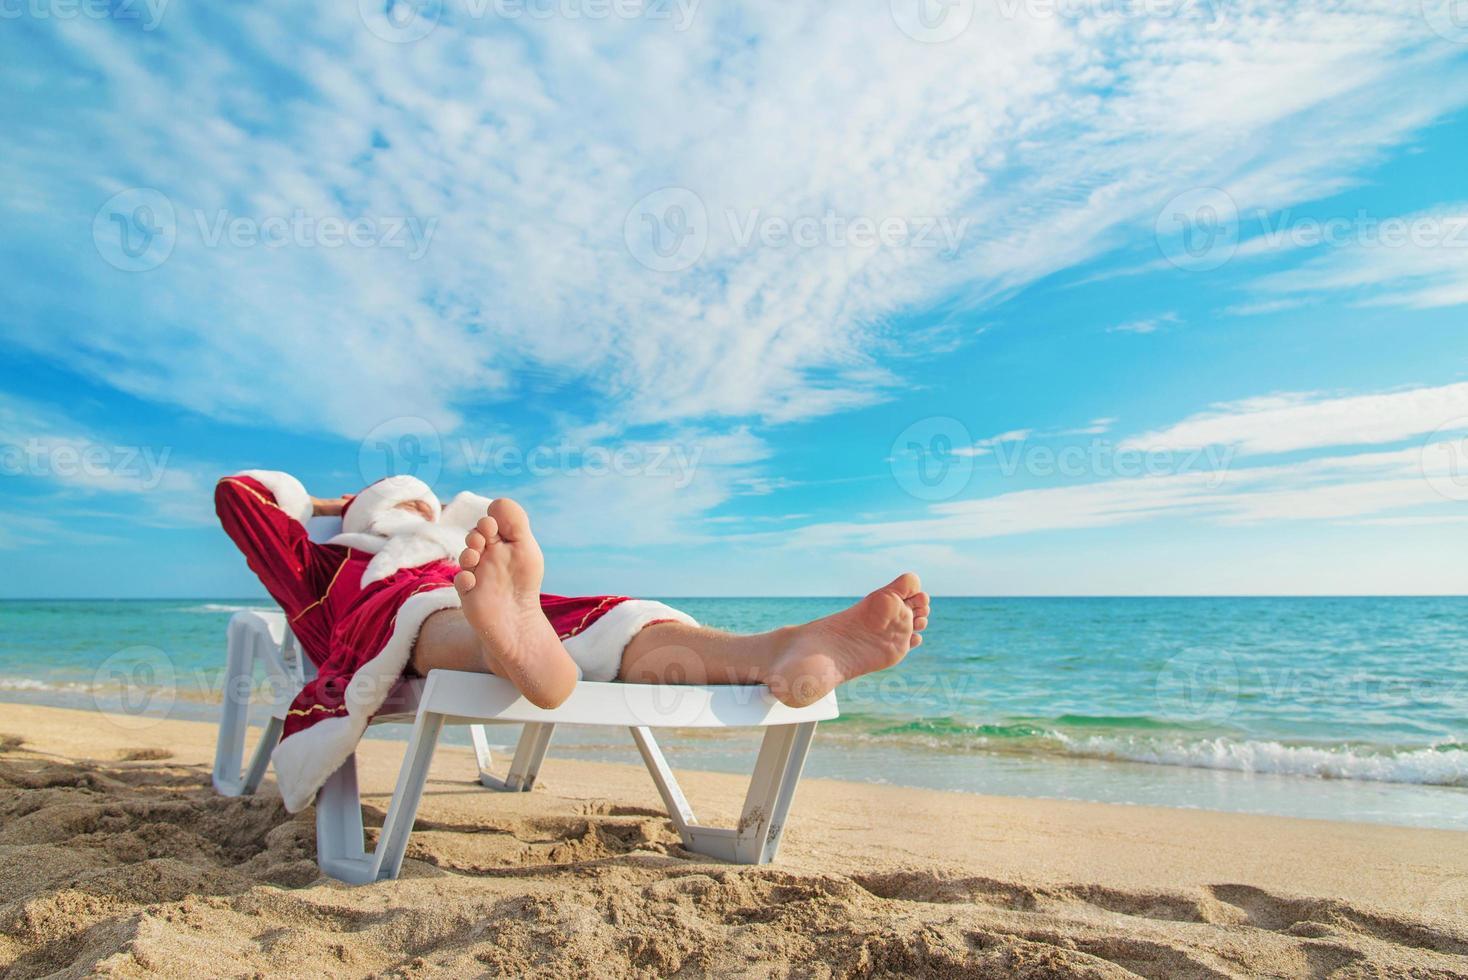 prendere il sole Babbo Natale rilassante sulla spiaggia tropicale di sabbia foto